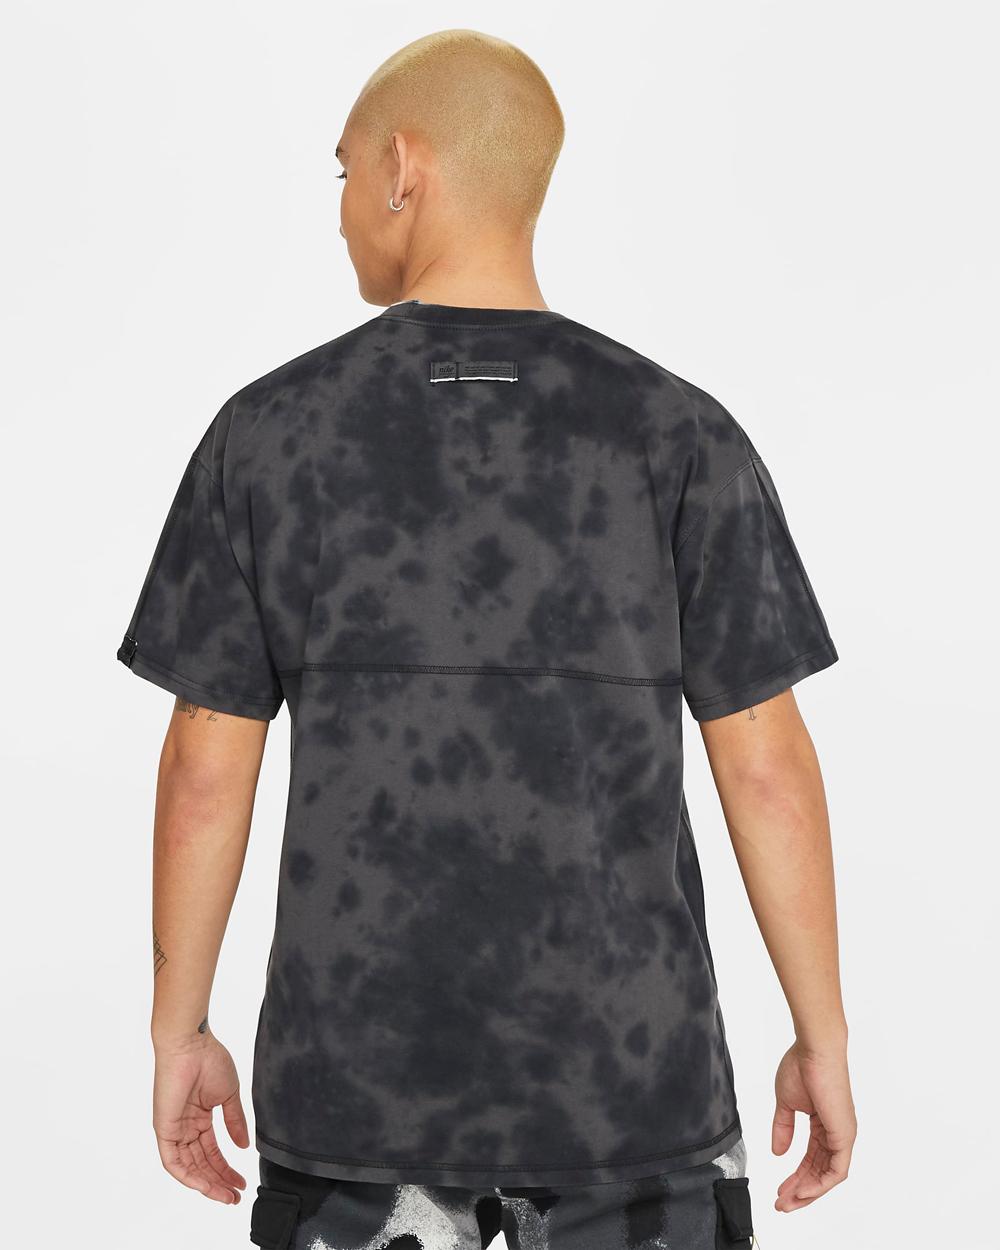 nike-club-tie-dye-tee-shirt-black-2